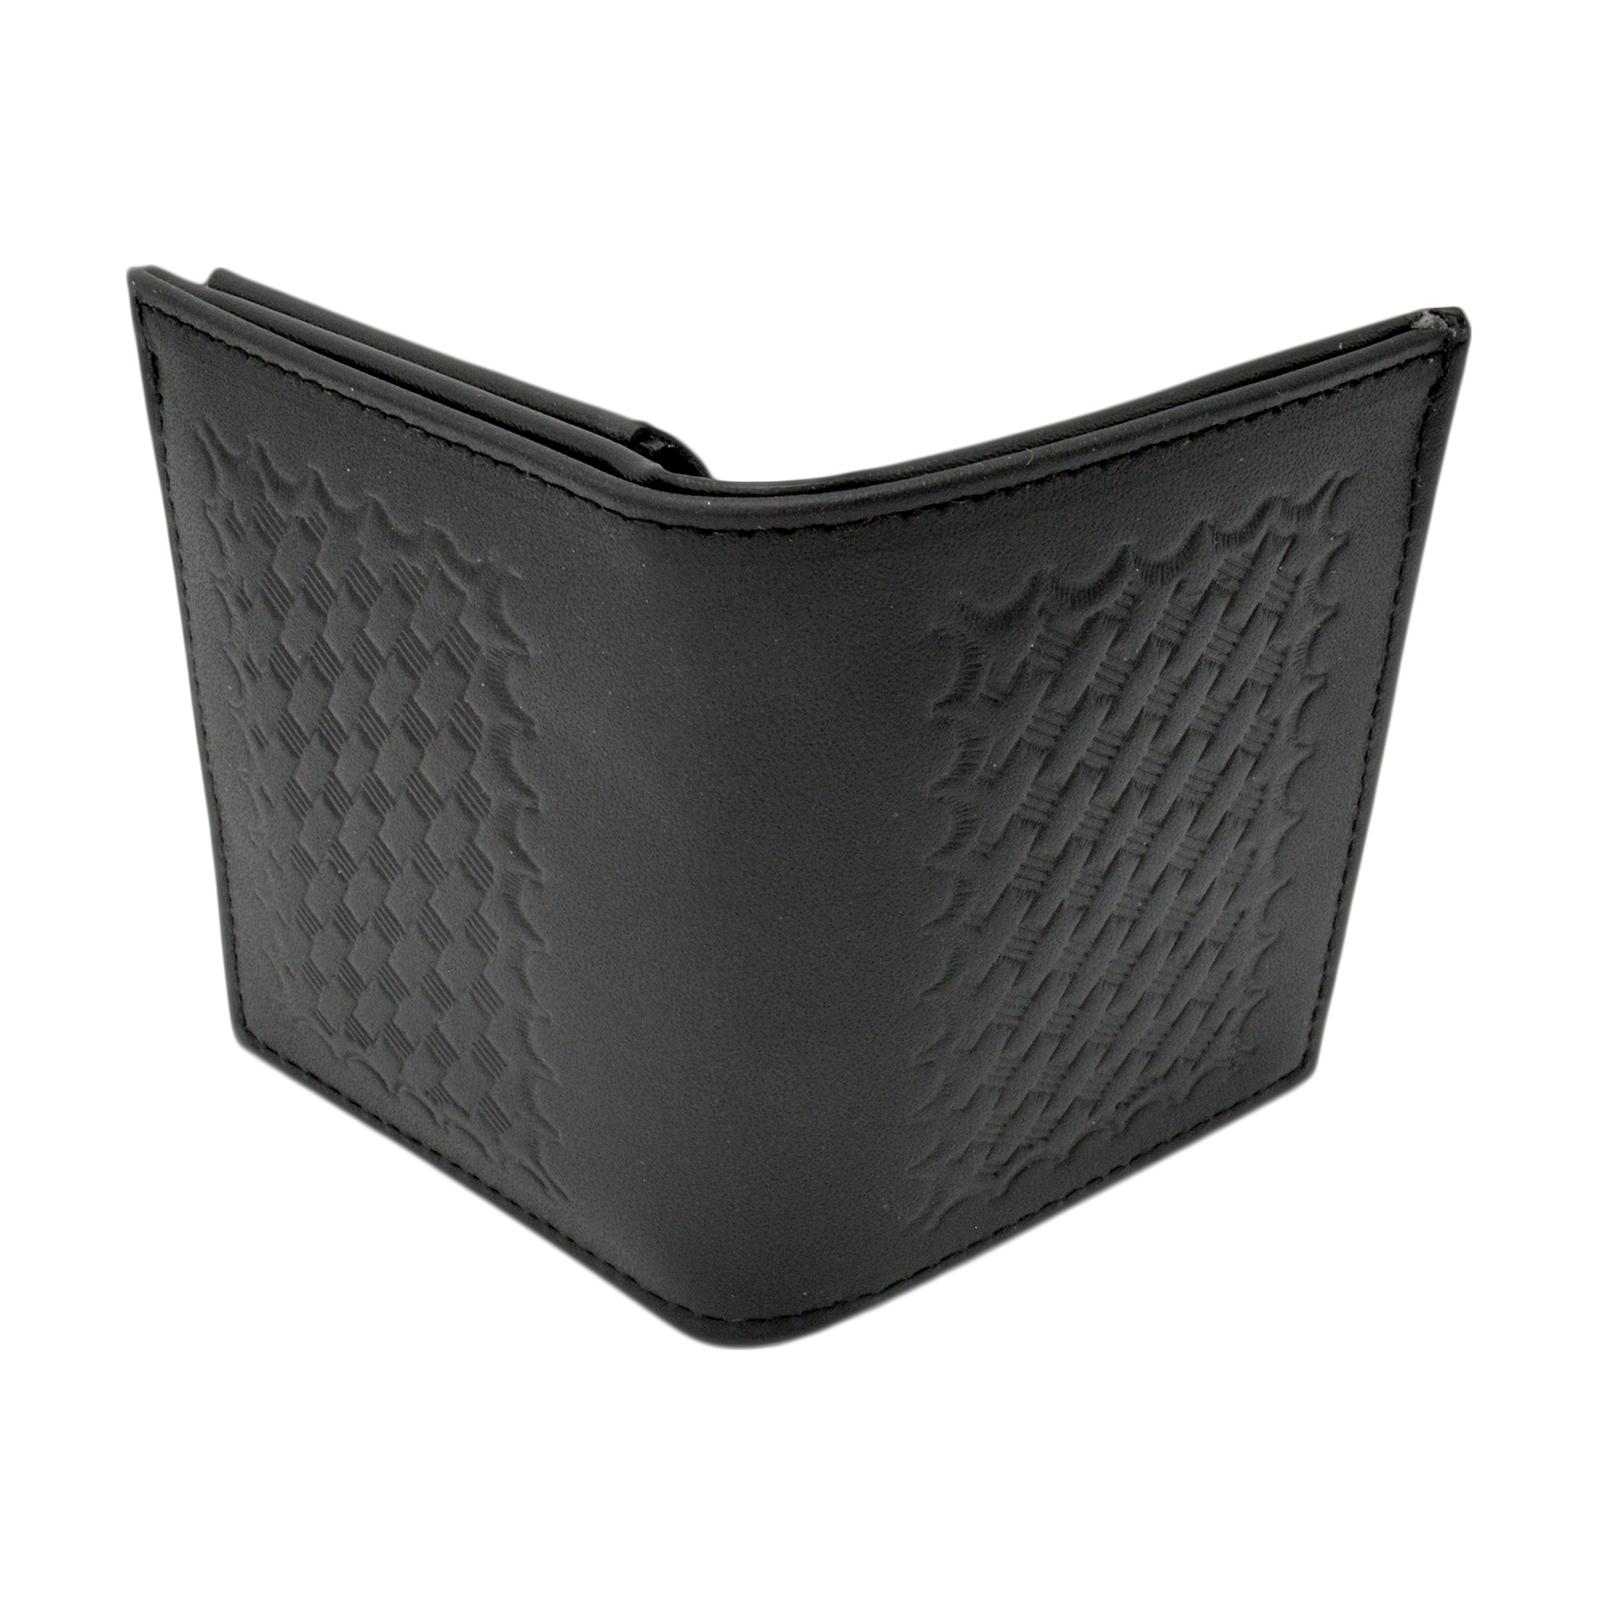 badge-wallet-basketweave-pattern-black-both.jpg